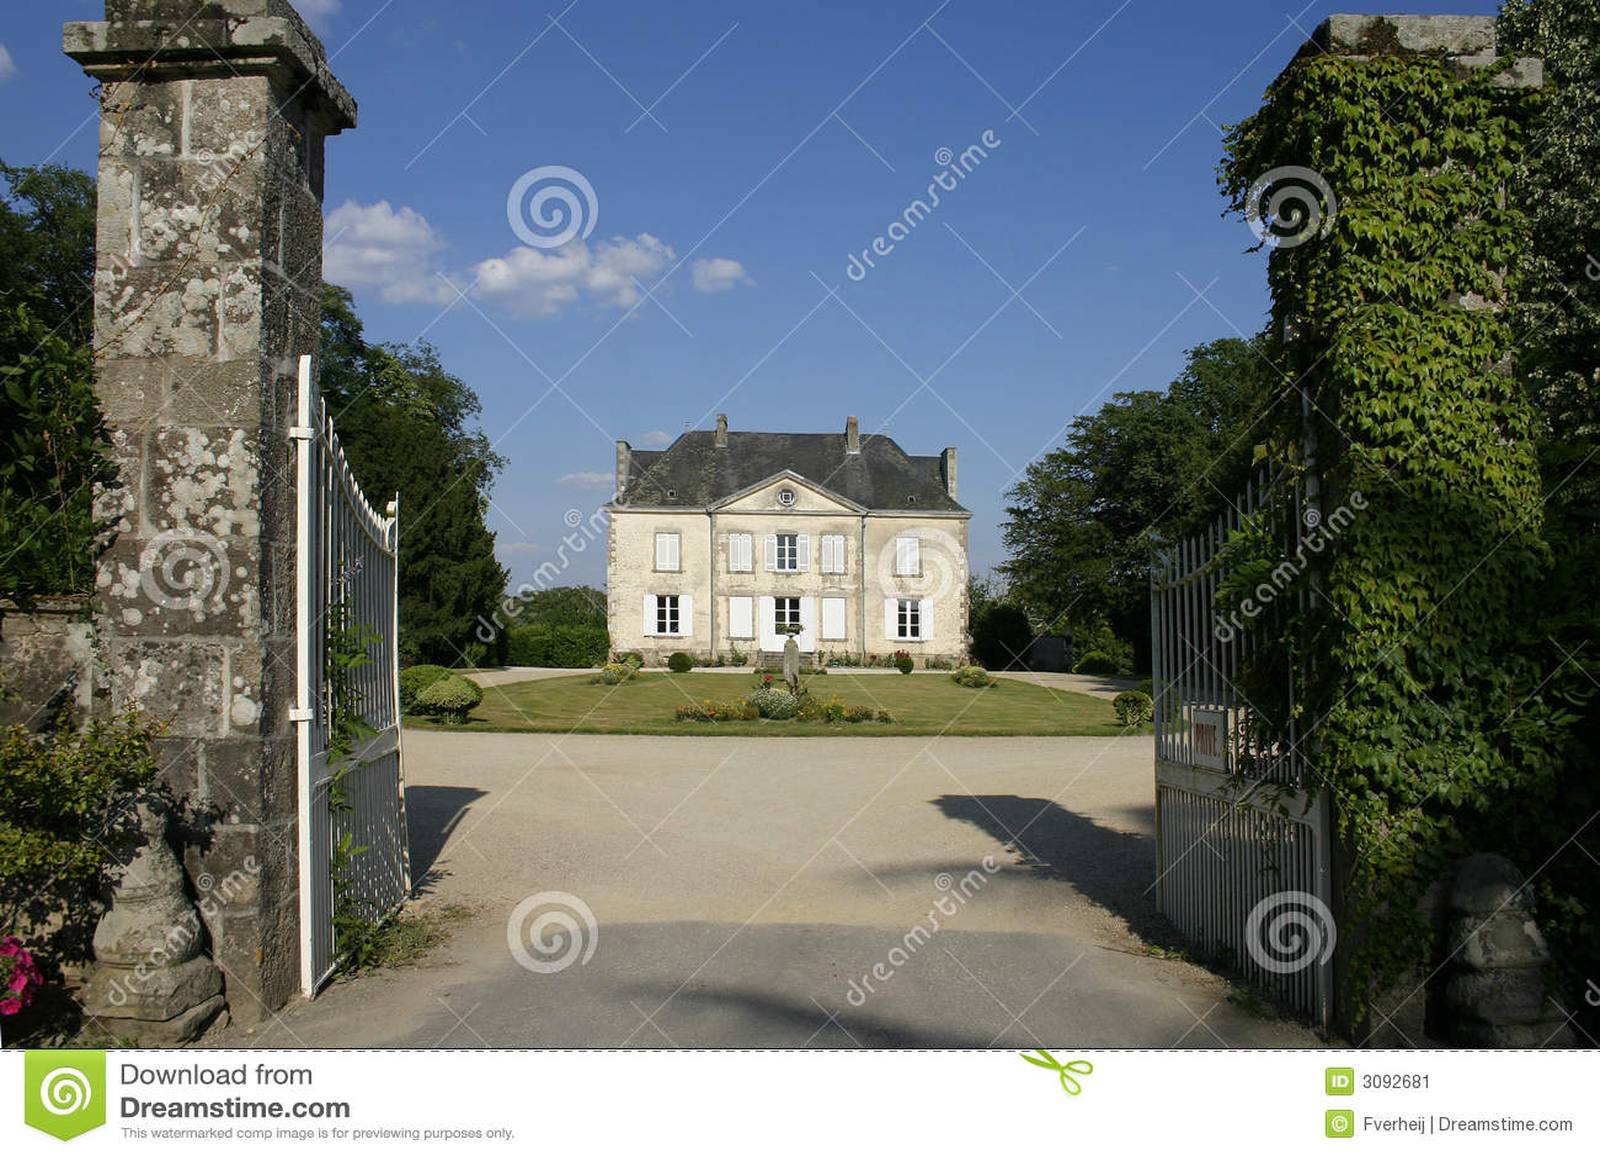 Casa di campagna francese immagine stock immagine 3092681 for Case del castello francese